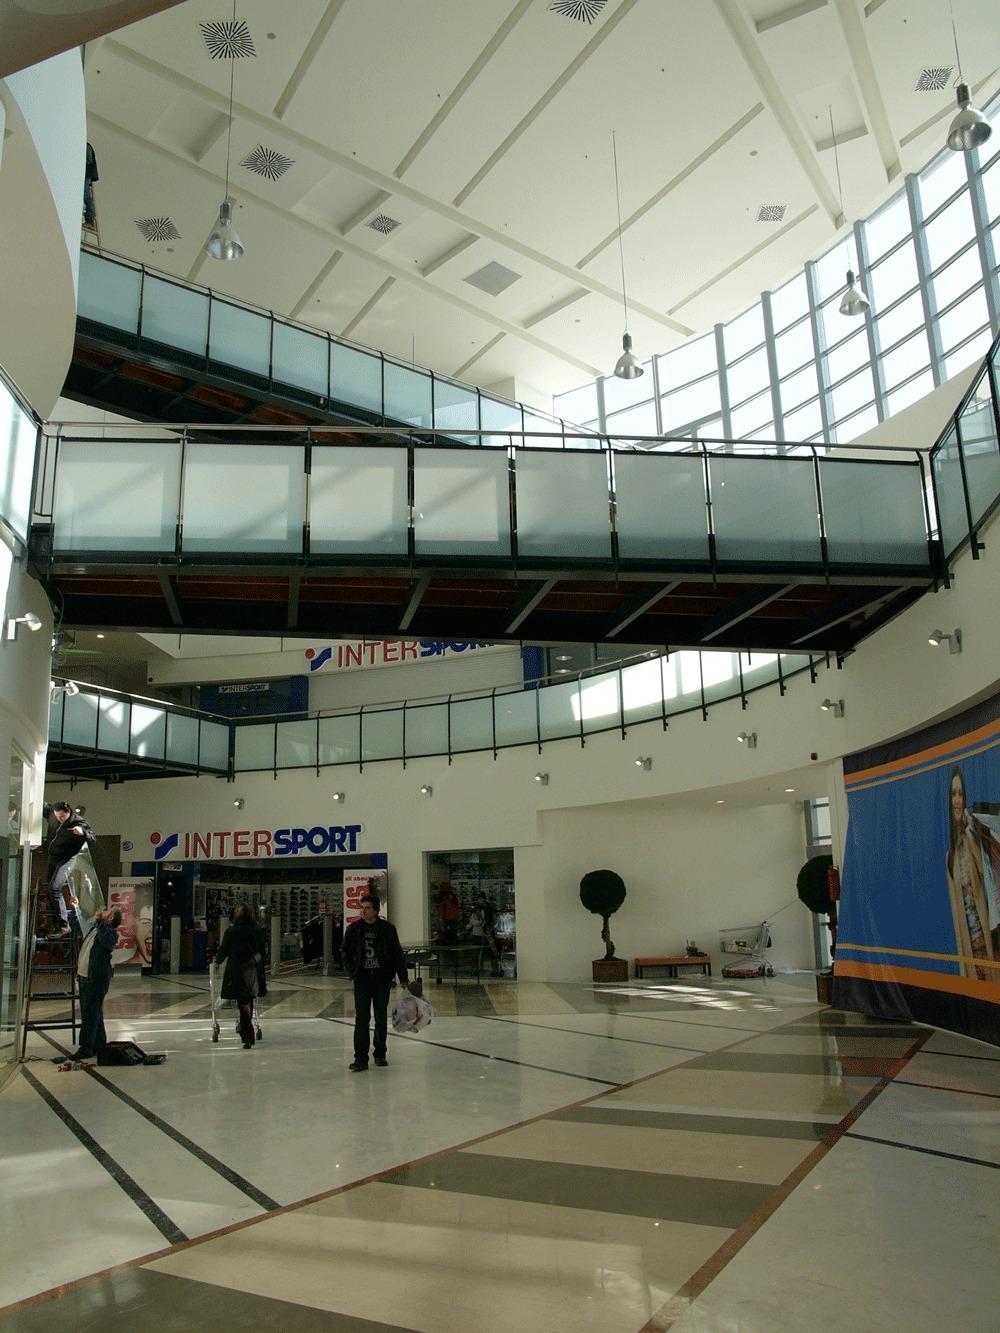 south entrance-interior